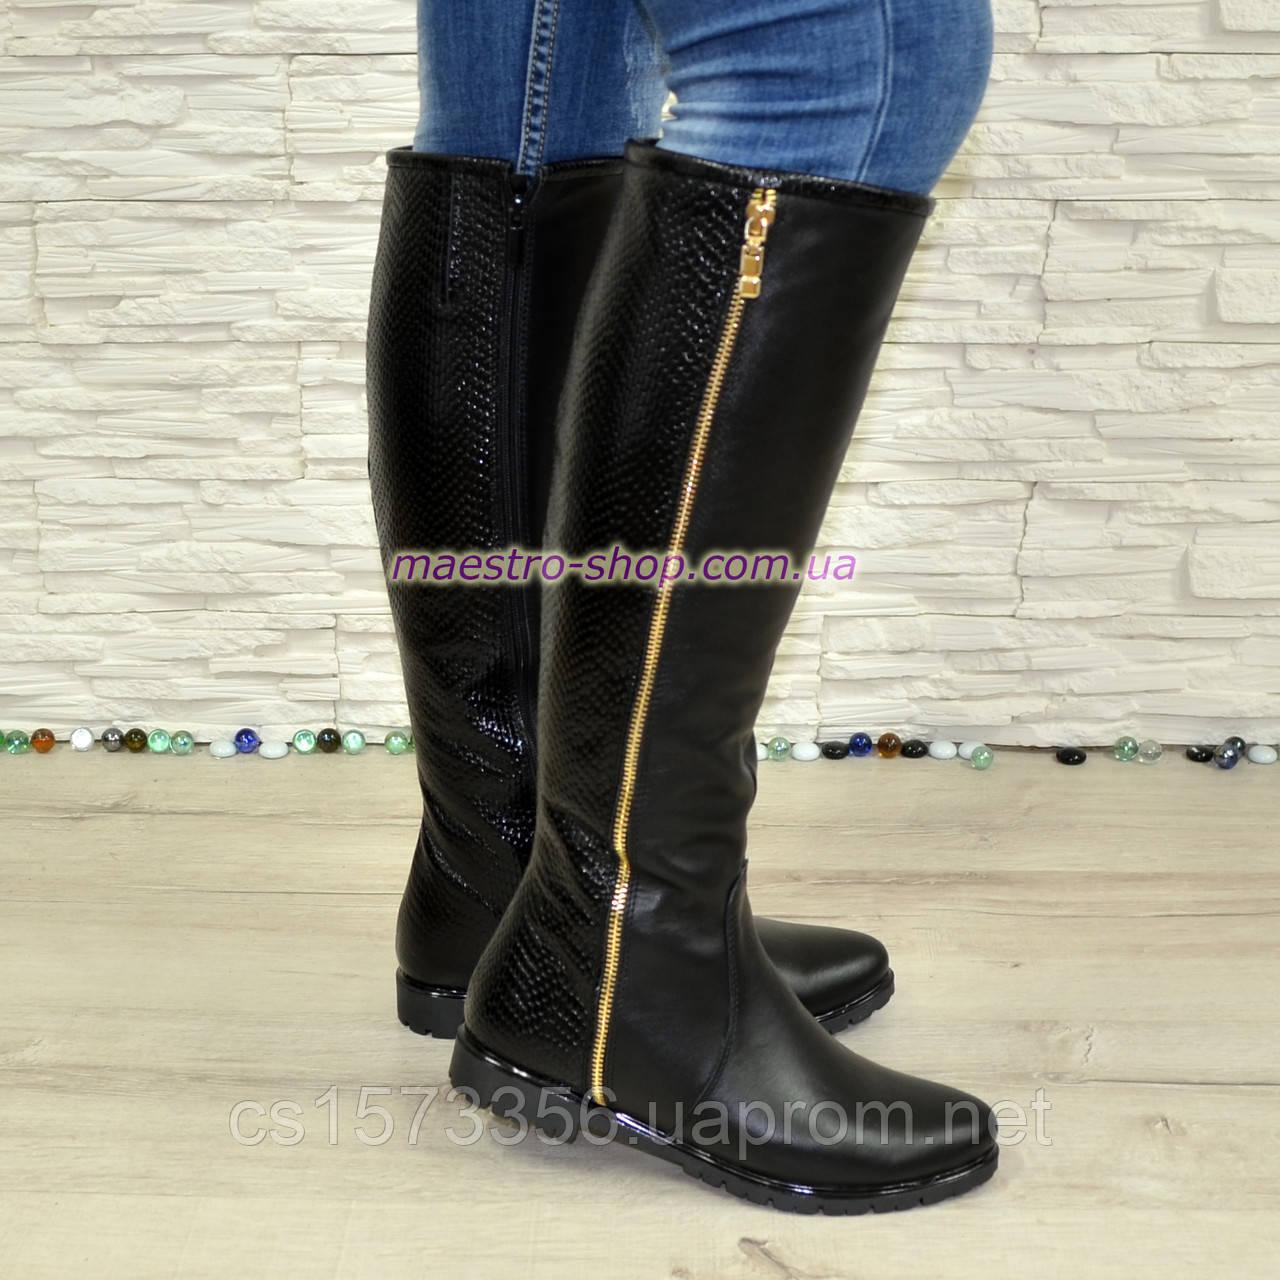 Замшеві жіночі демісезонні чоботи чорного кольору